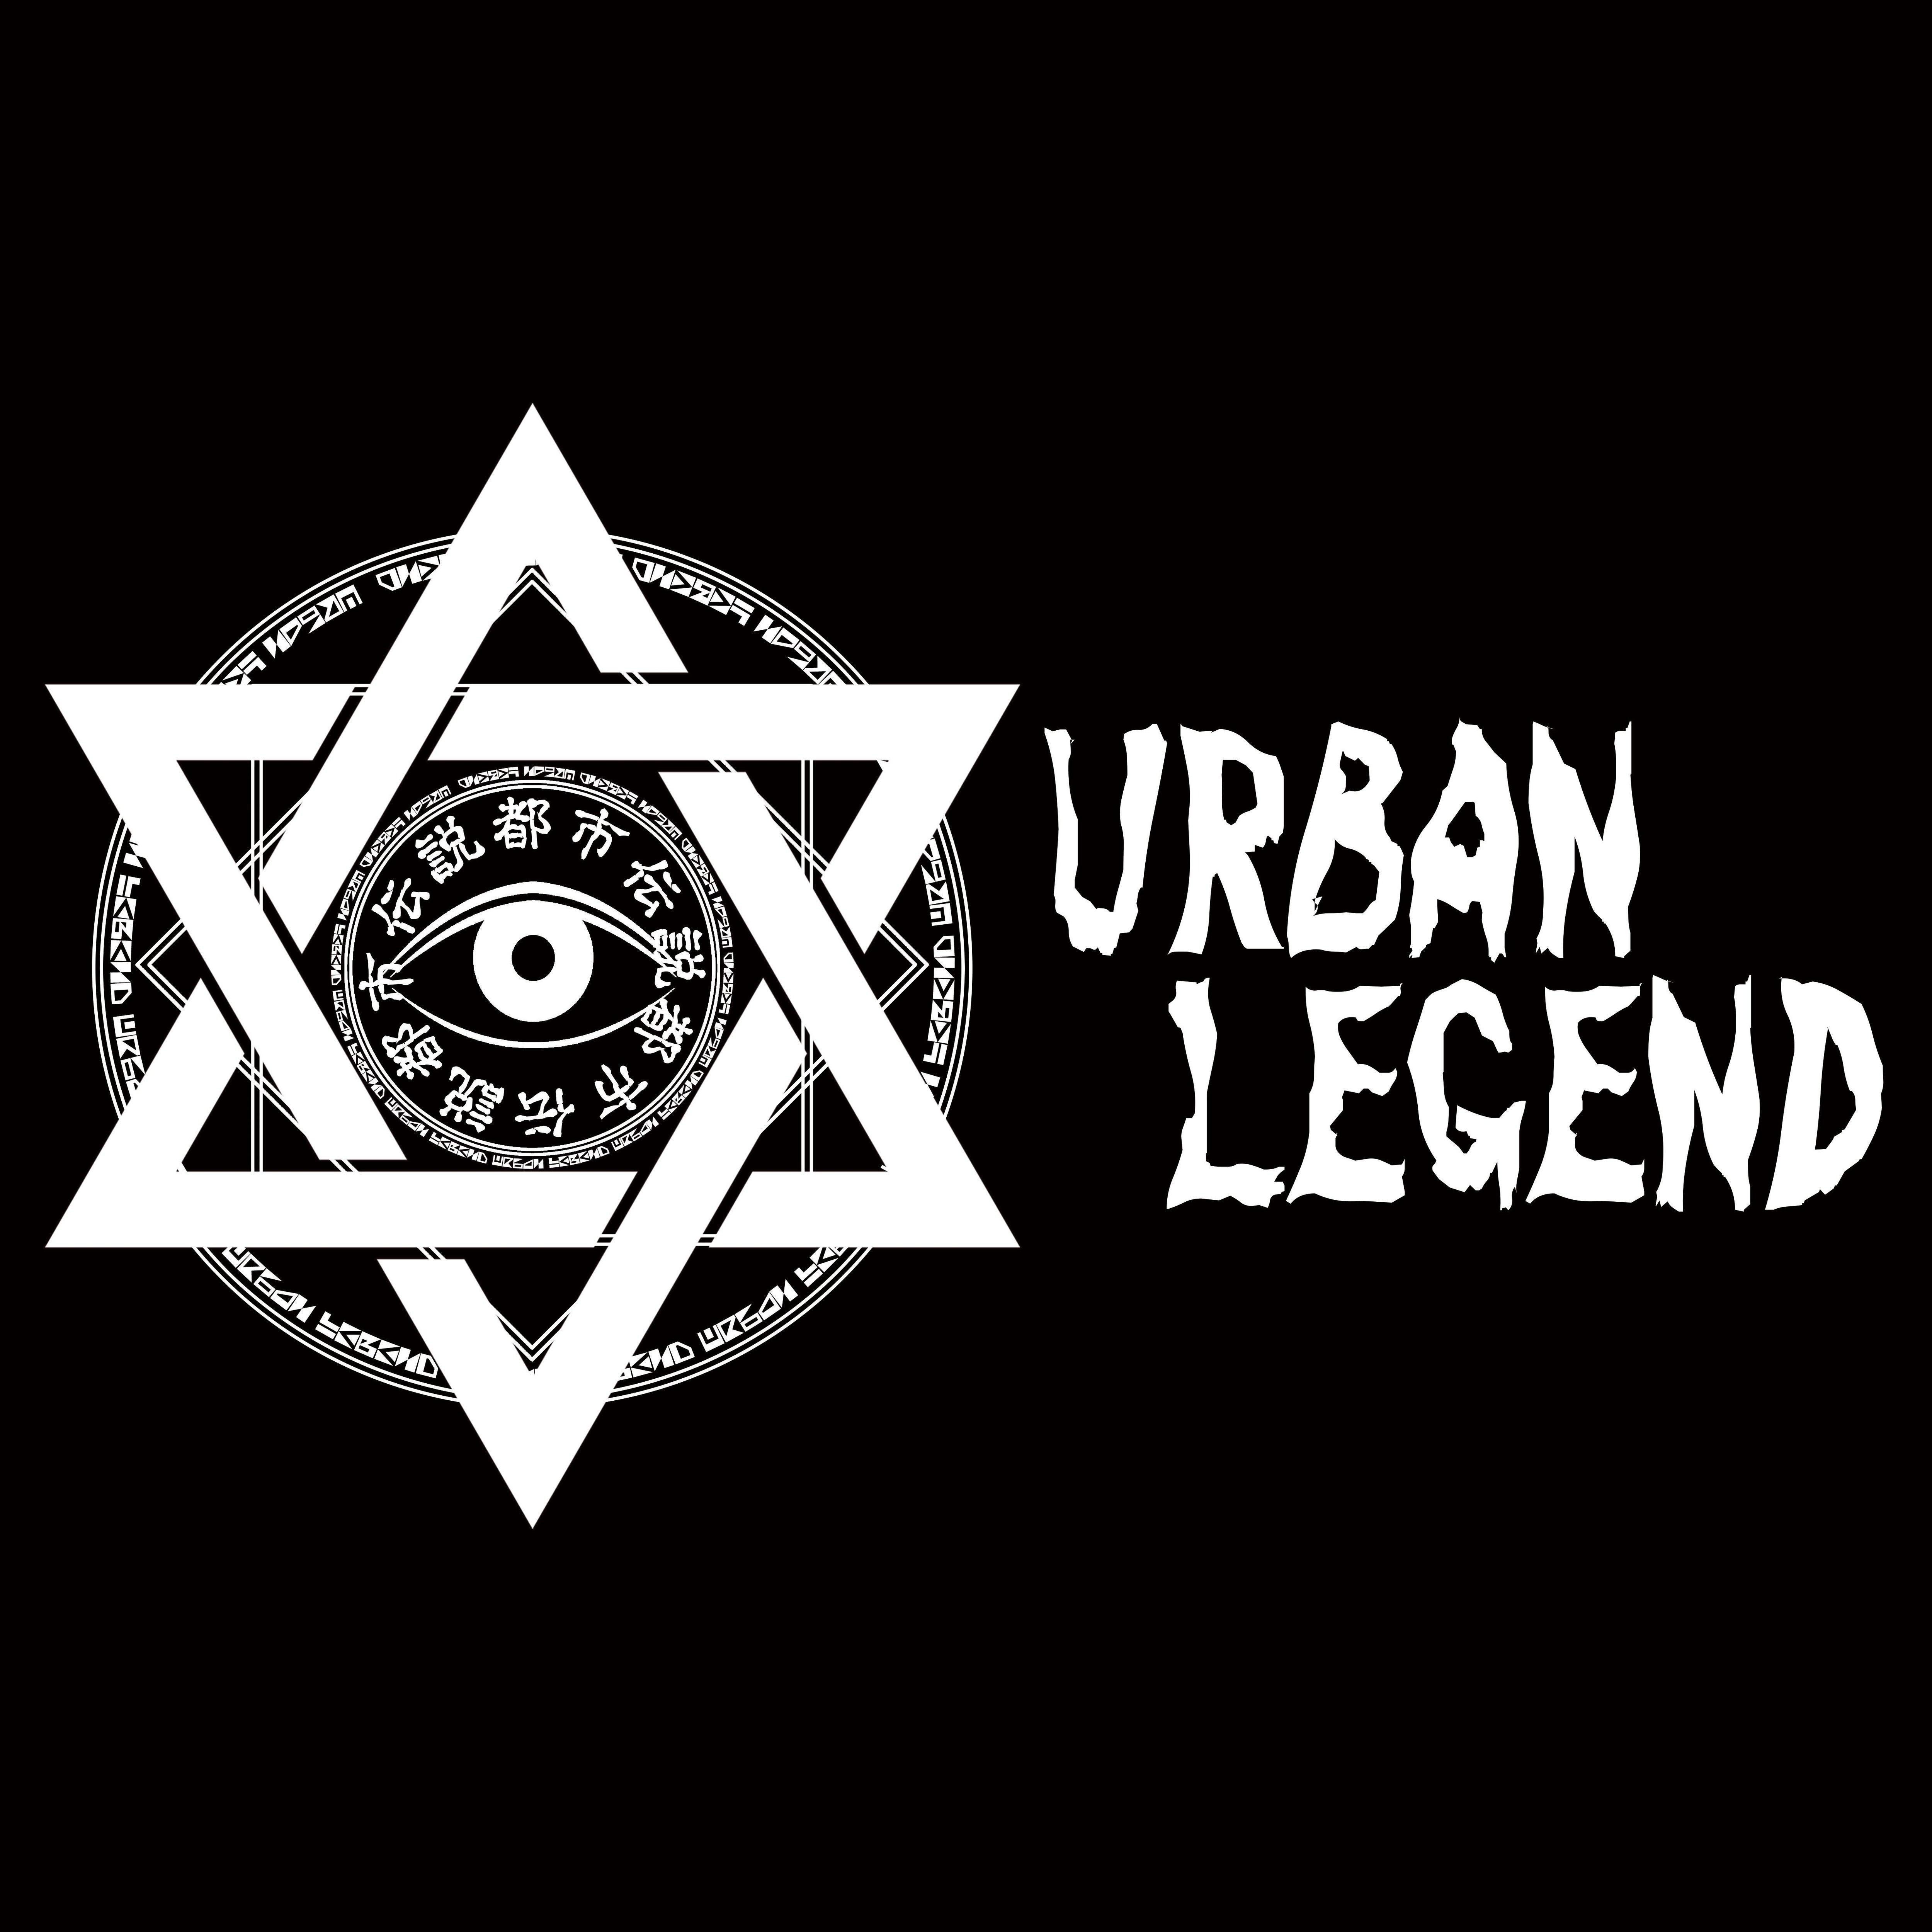 Occultic-Bar URBAN LEGEND